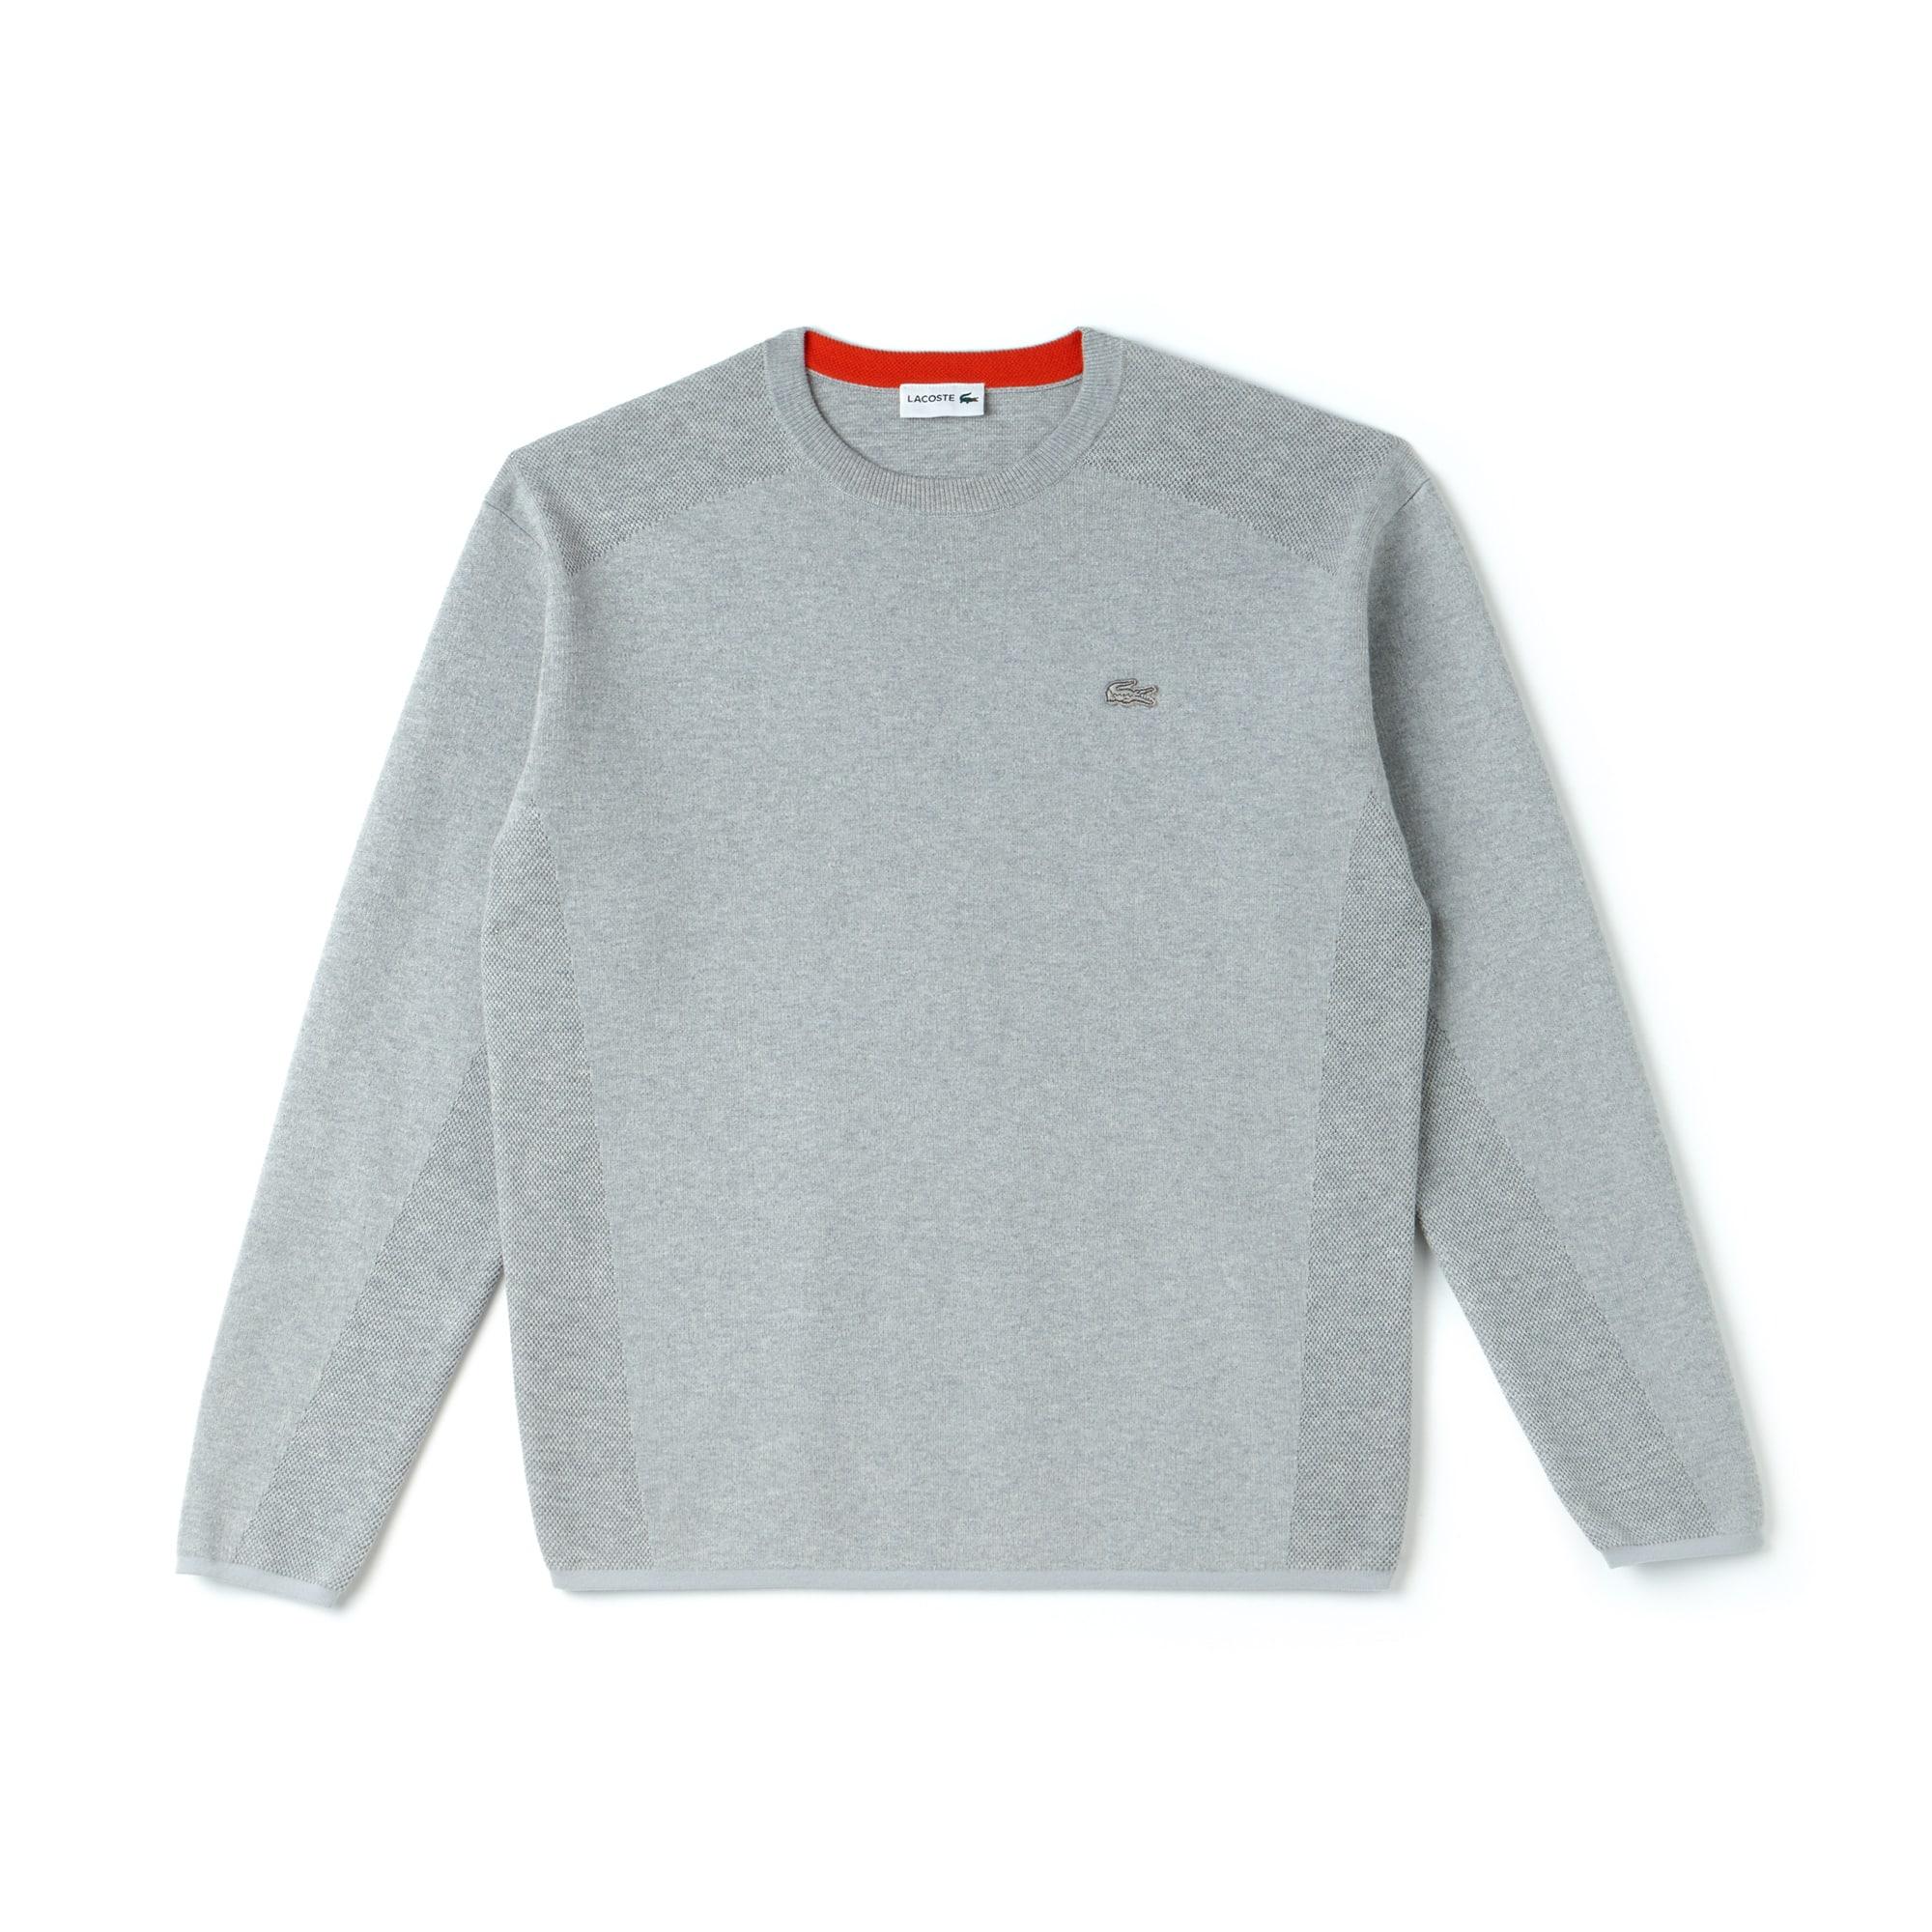 Men's Lacoste Motion Crew Neck Coolmax Cotton Sweater